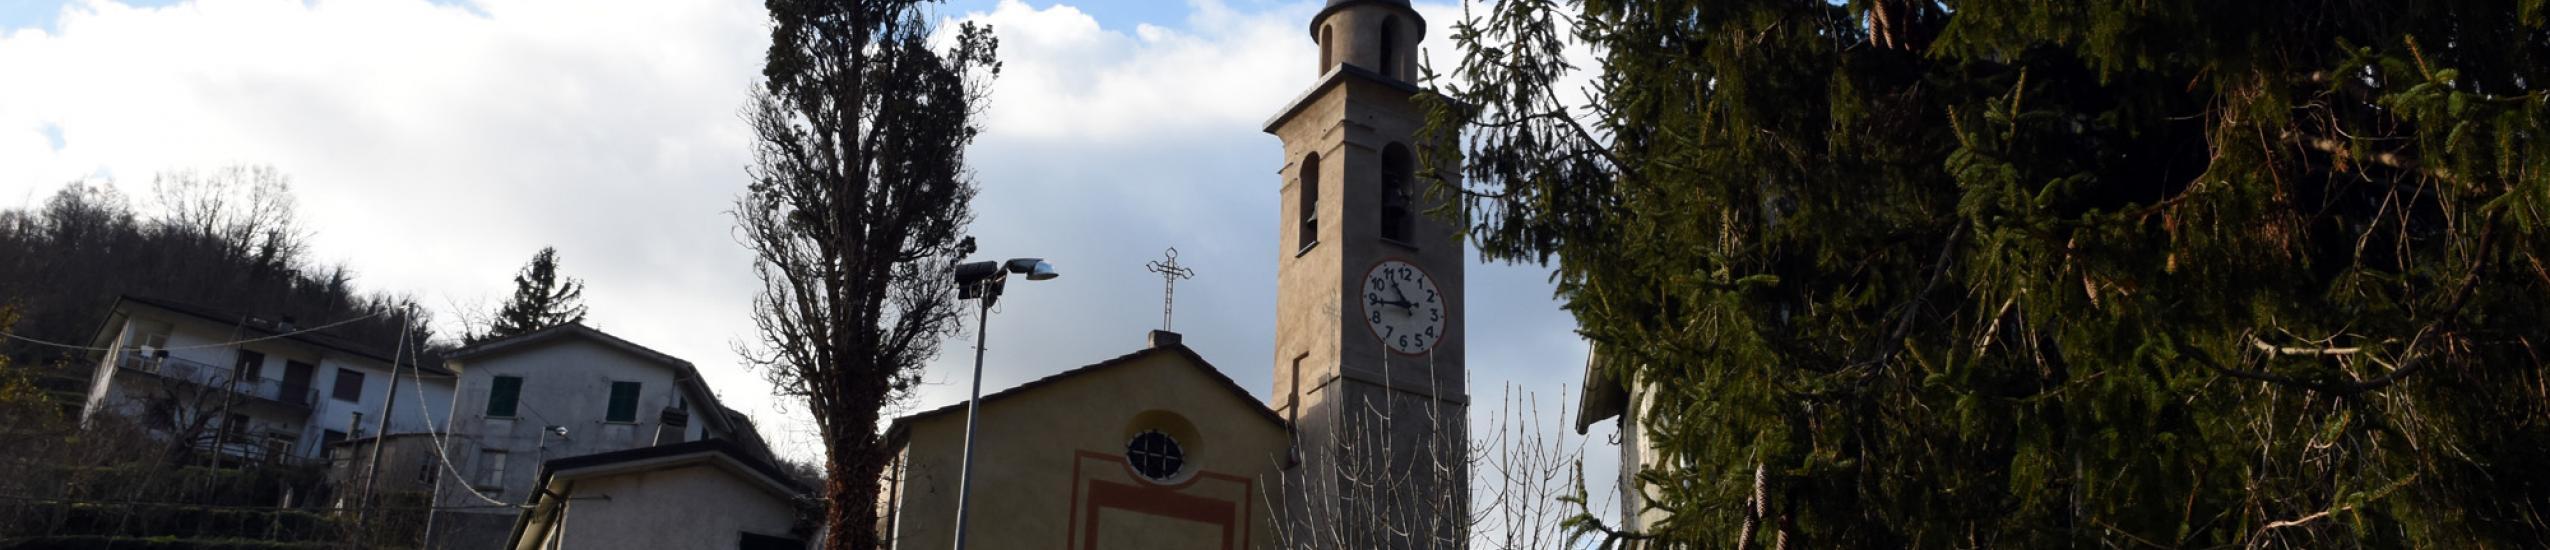 Chiesa loc. Santa lucia di Ne (0)